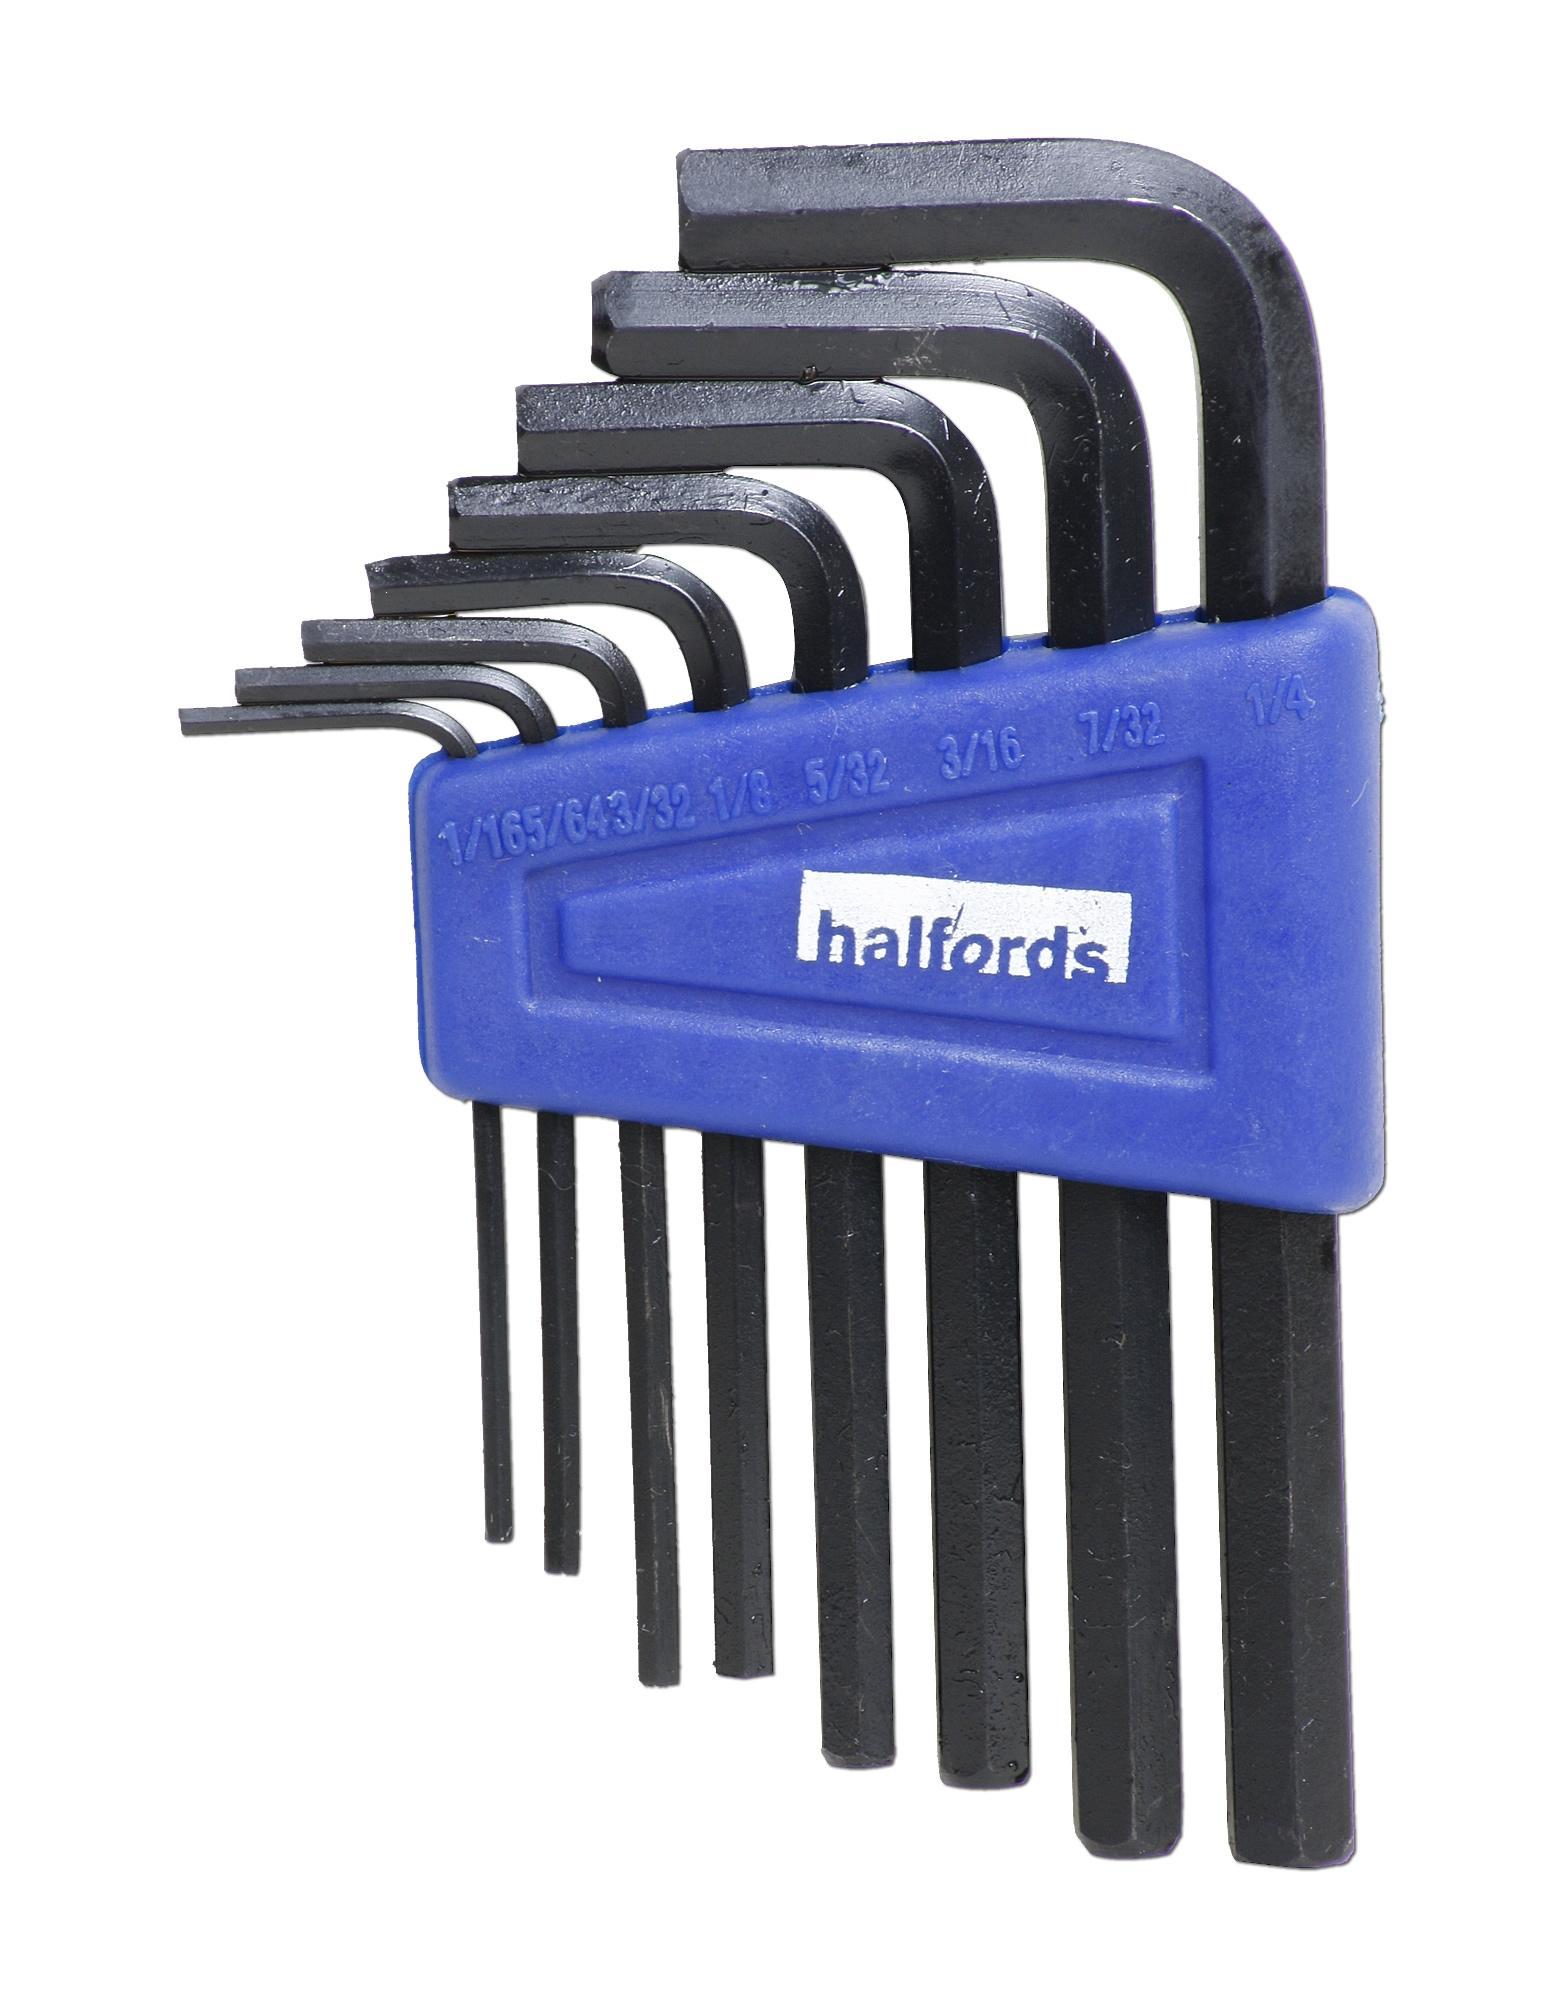 Image of Halfords AF 8 piece Hex Key Set